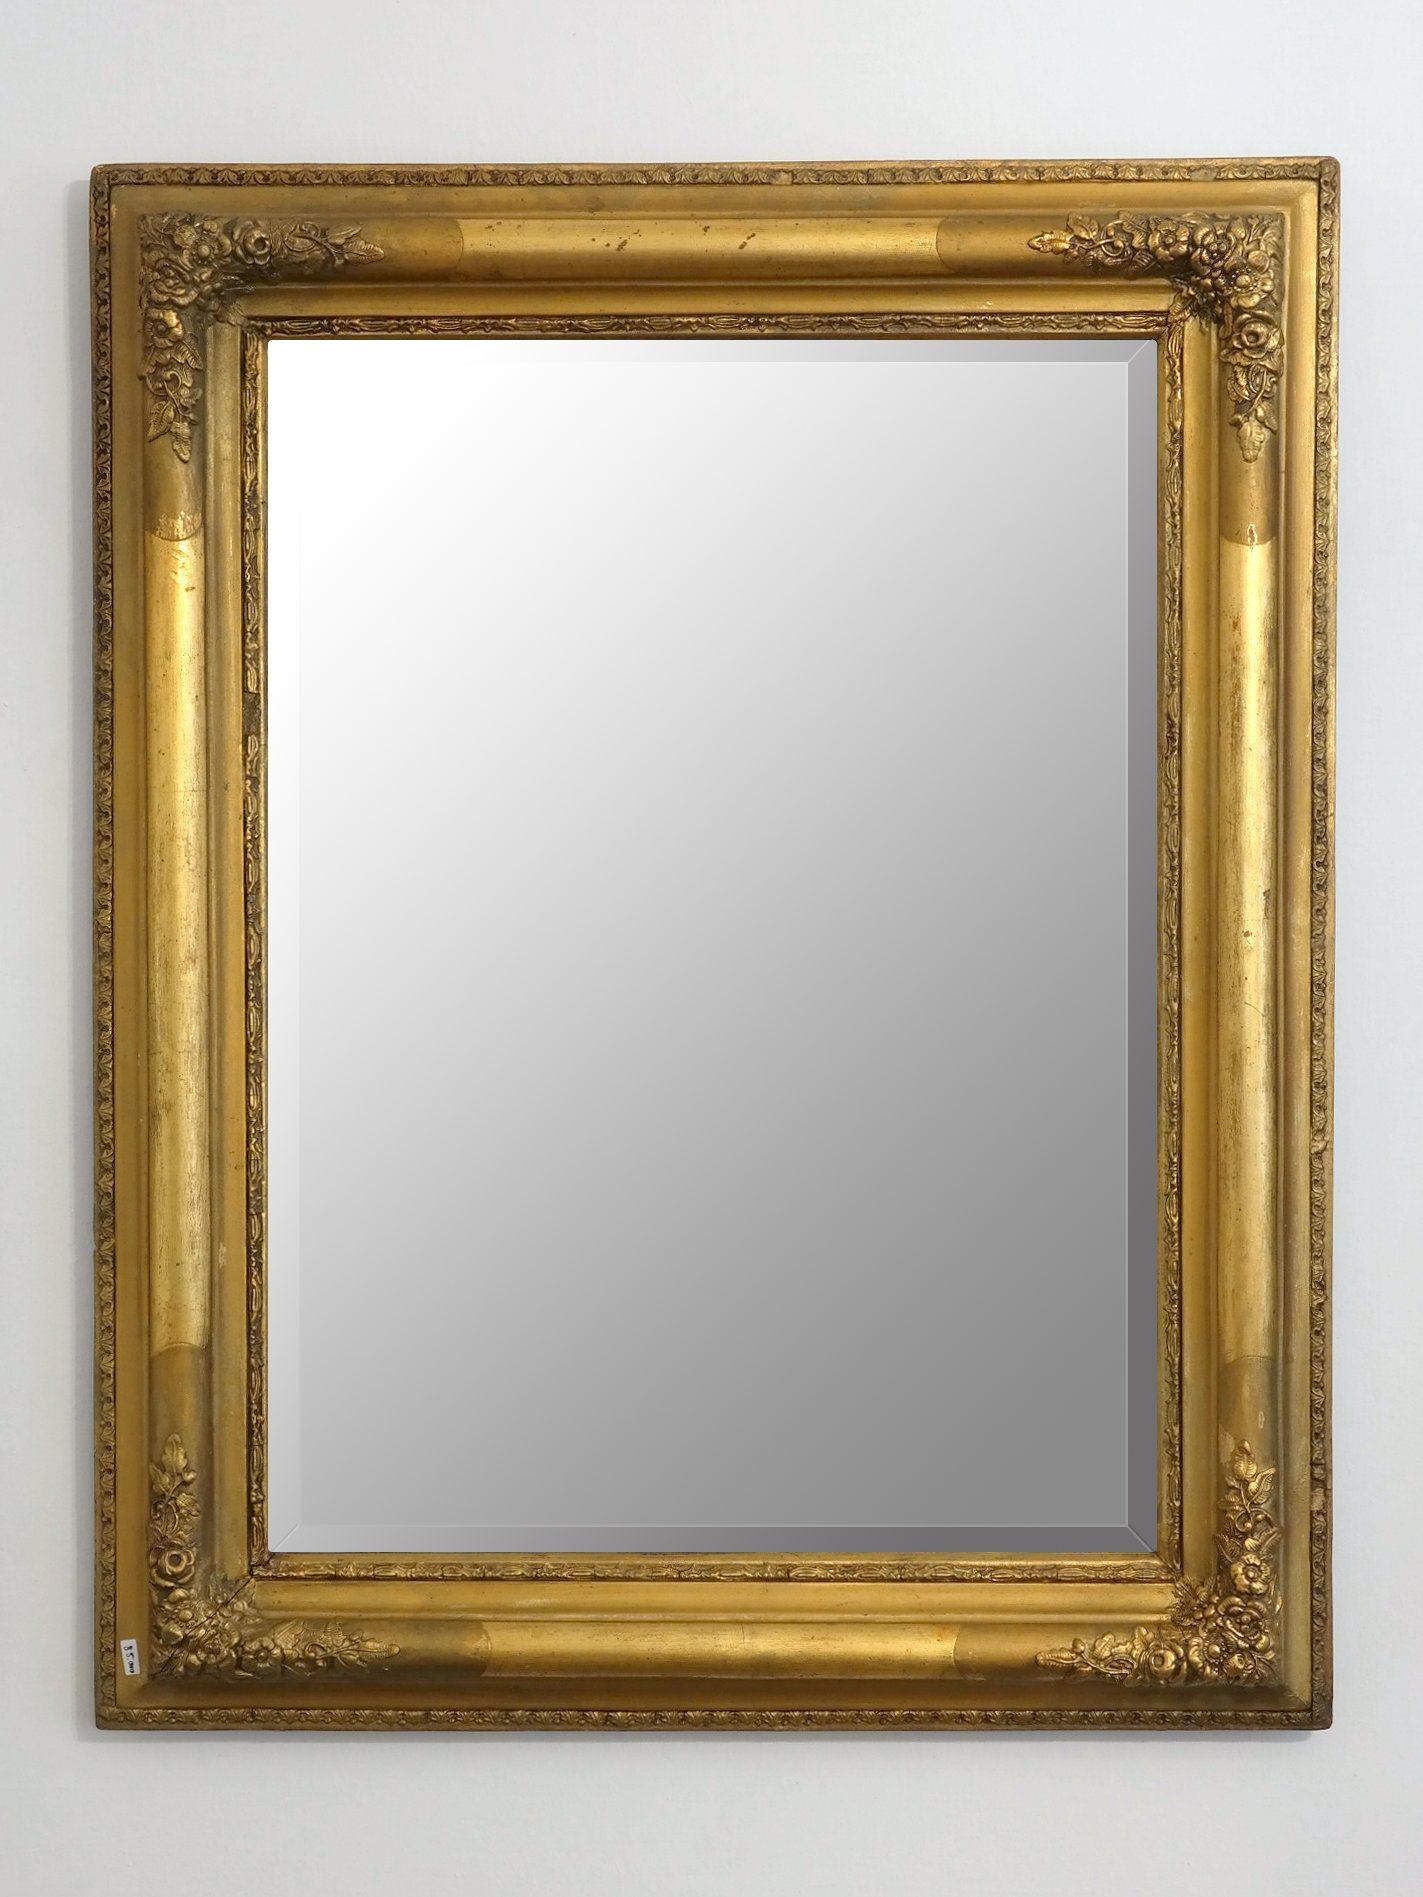 metszett tükör rózsás blondel keretben